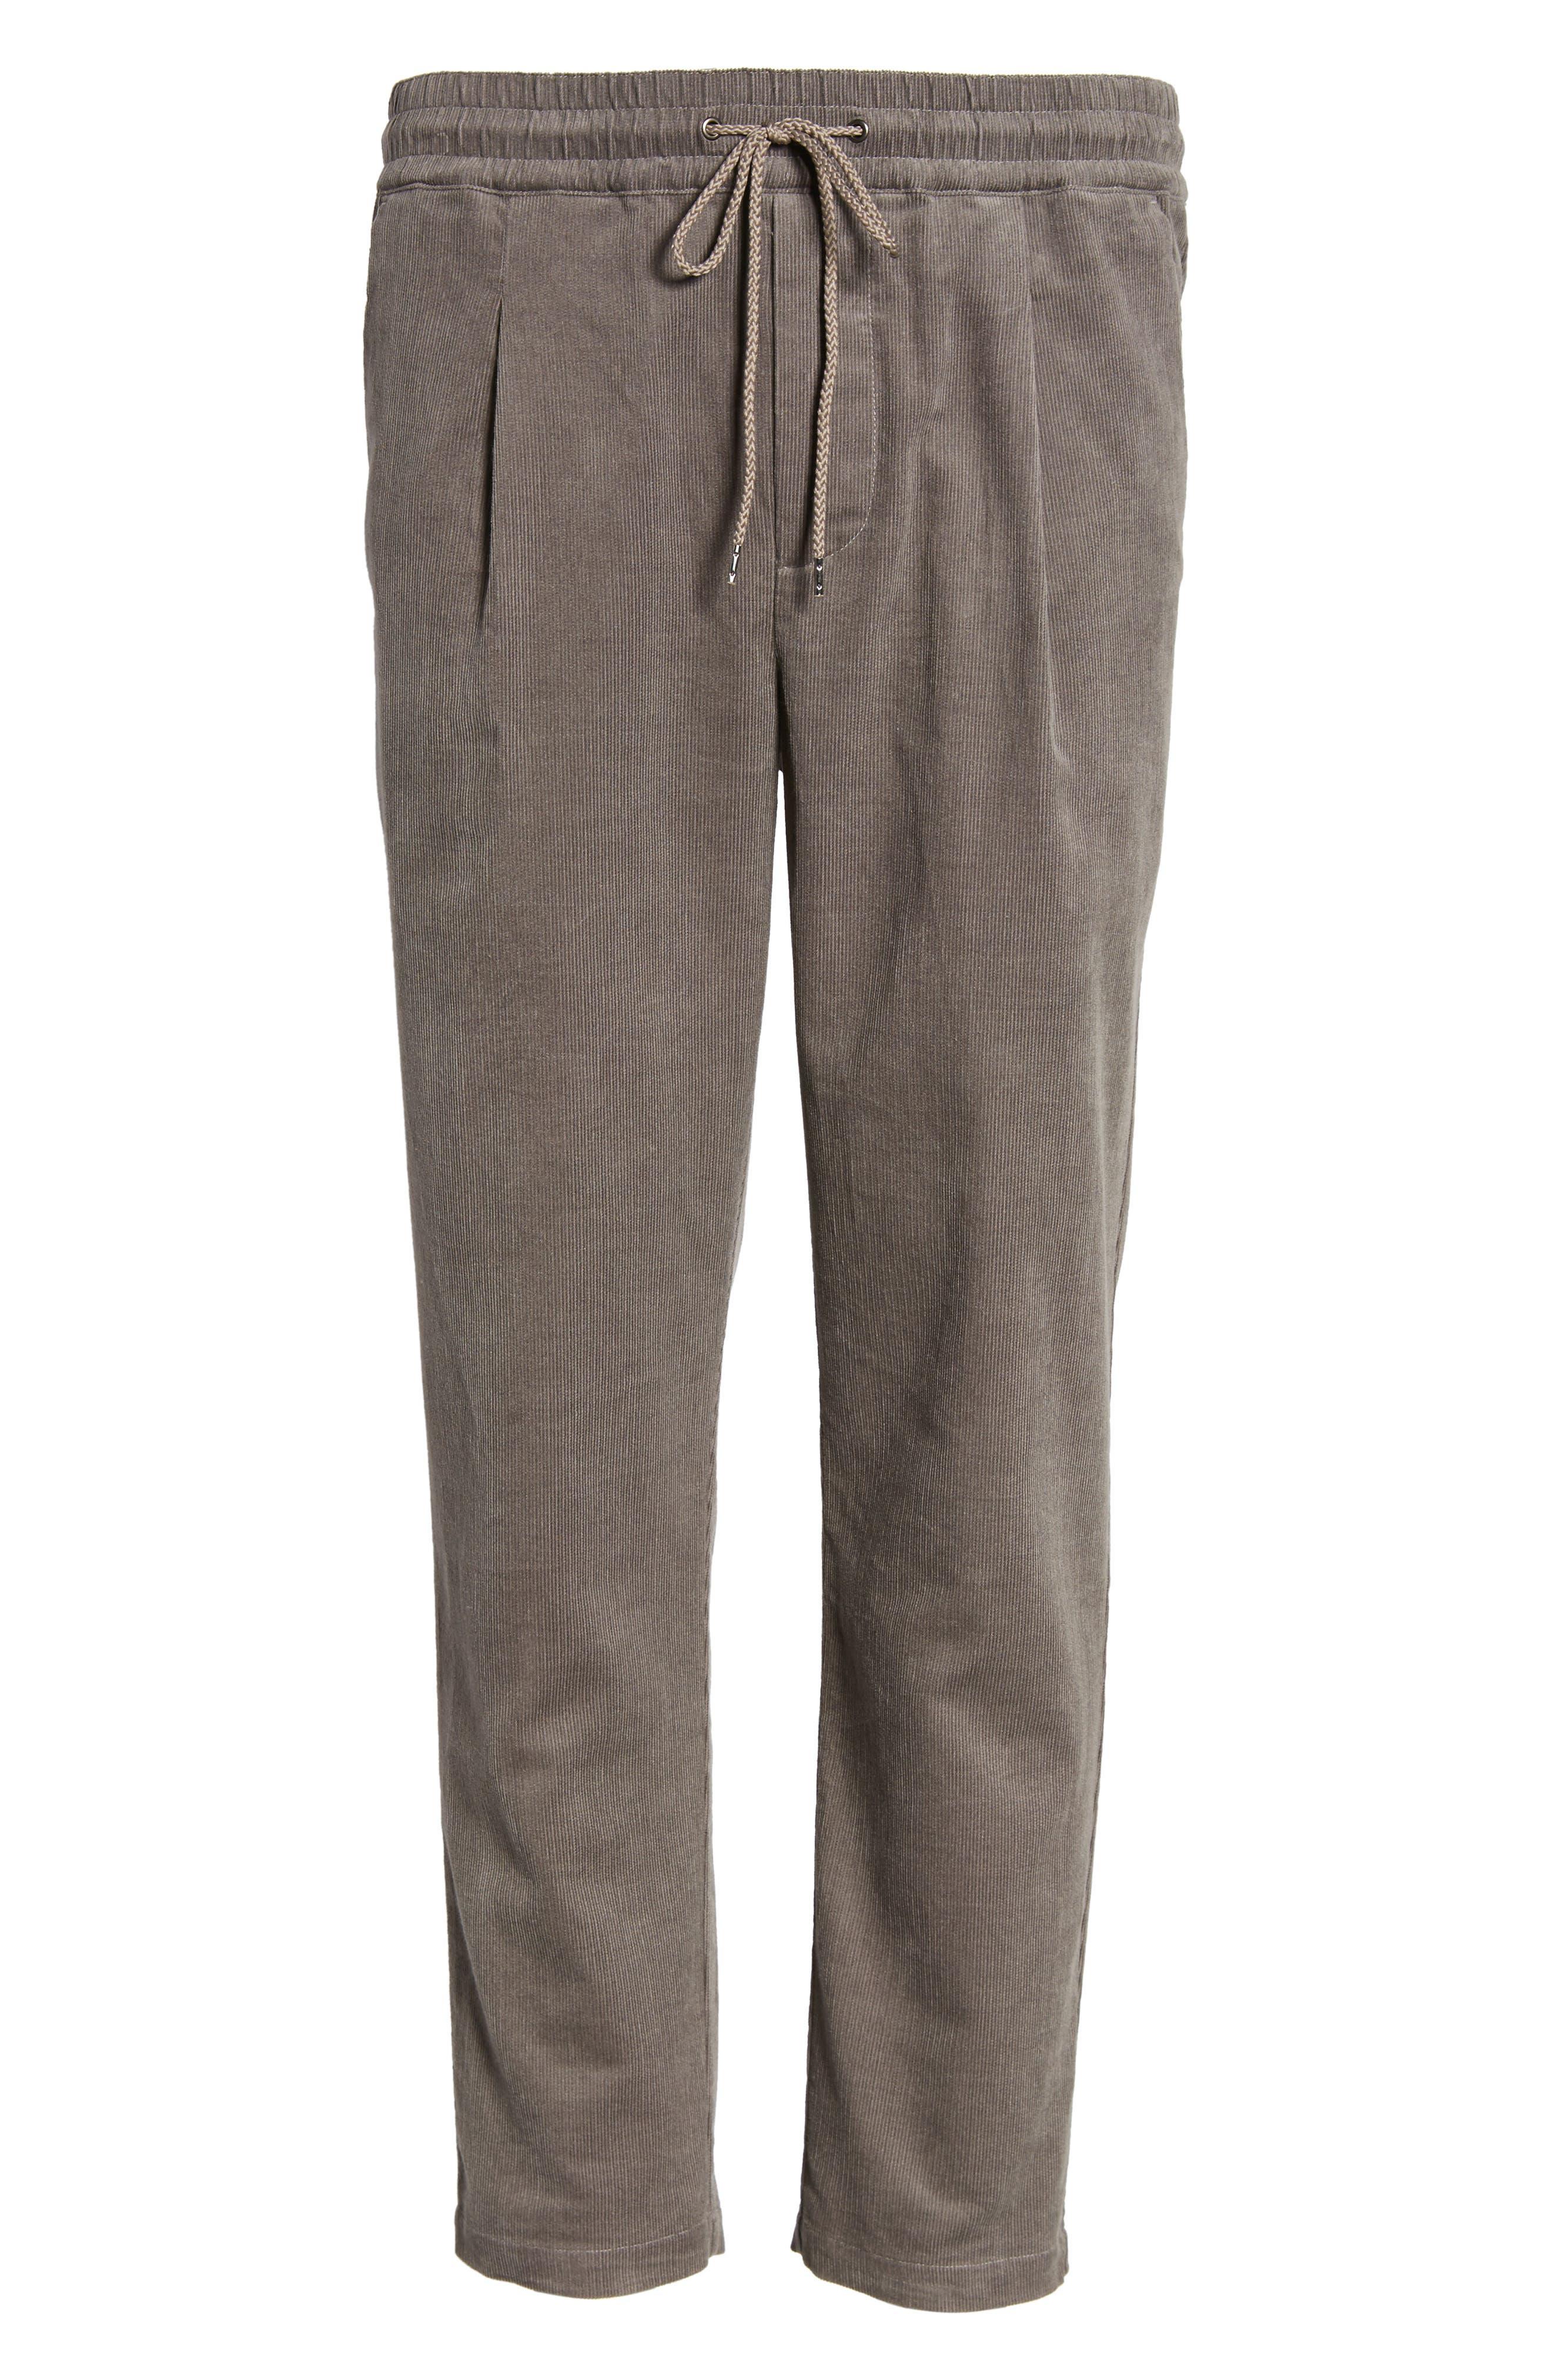 Astbury Crop Corduroy Pants,                             Alternate thumbnail 6, color,                             024